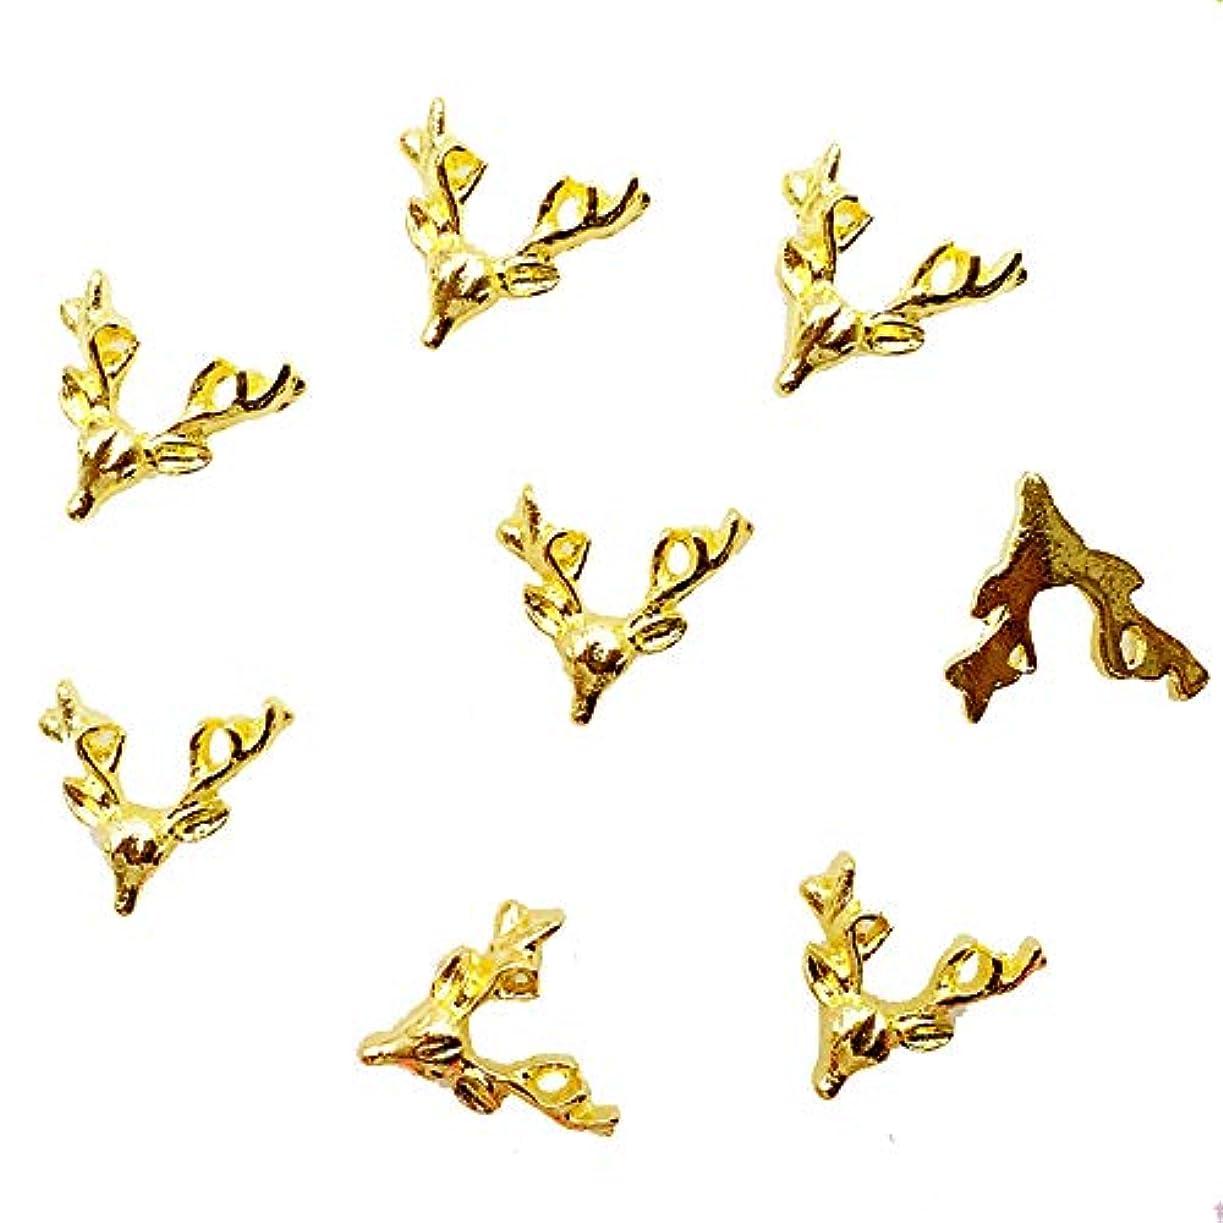 サーフィン添付焦がすクリスマスのための10pcs /バッグ日本新3Dネイルデコメタル合金かわいい鹿の頭のネイルアクセサリーDIYチャームネイルツール